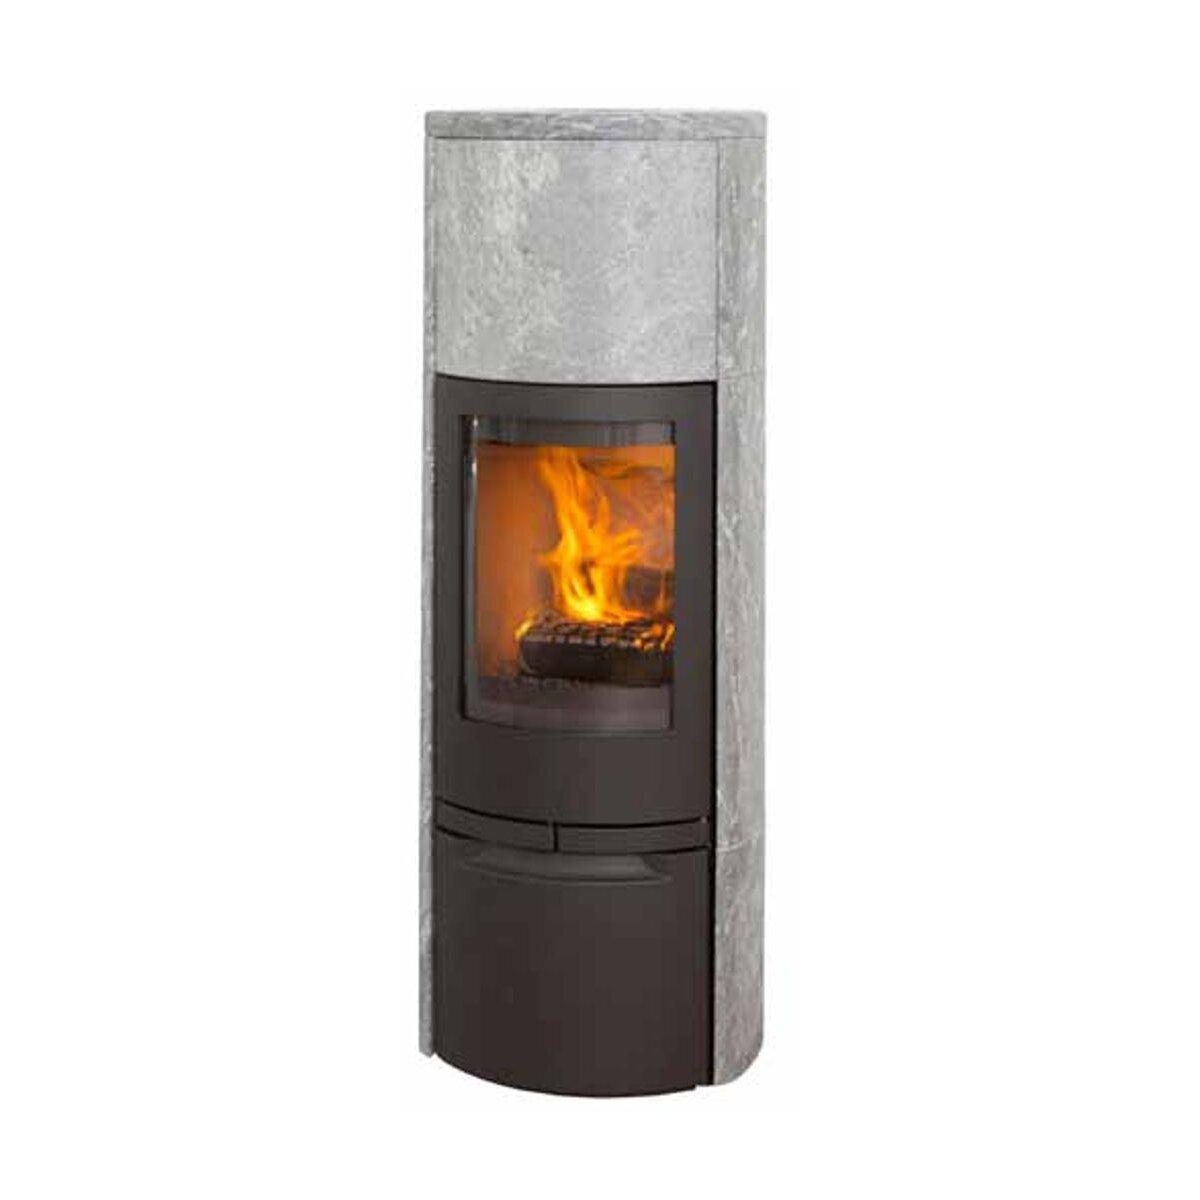 kaminofen jydepejsen cosmo 1500 speckstein schwarz von jydepejsen a s mit. Black Bedroom Furniture Sets. Home Design Ideas